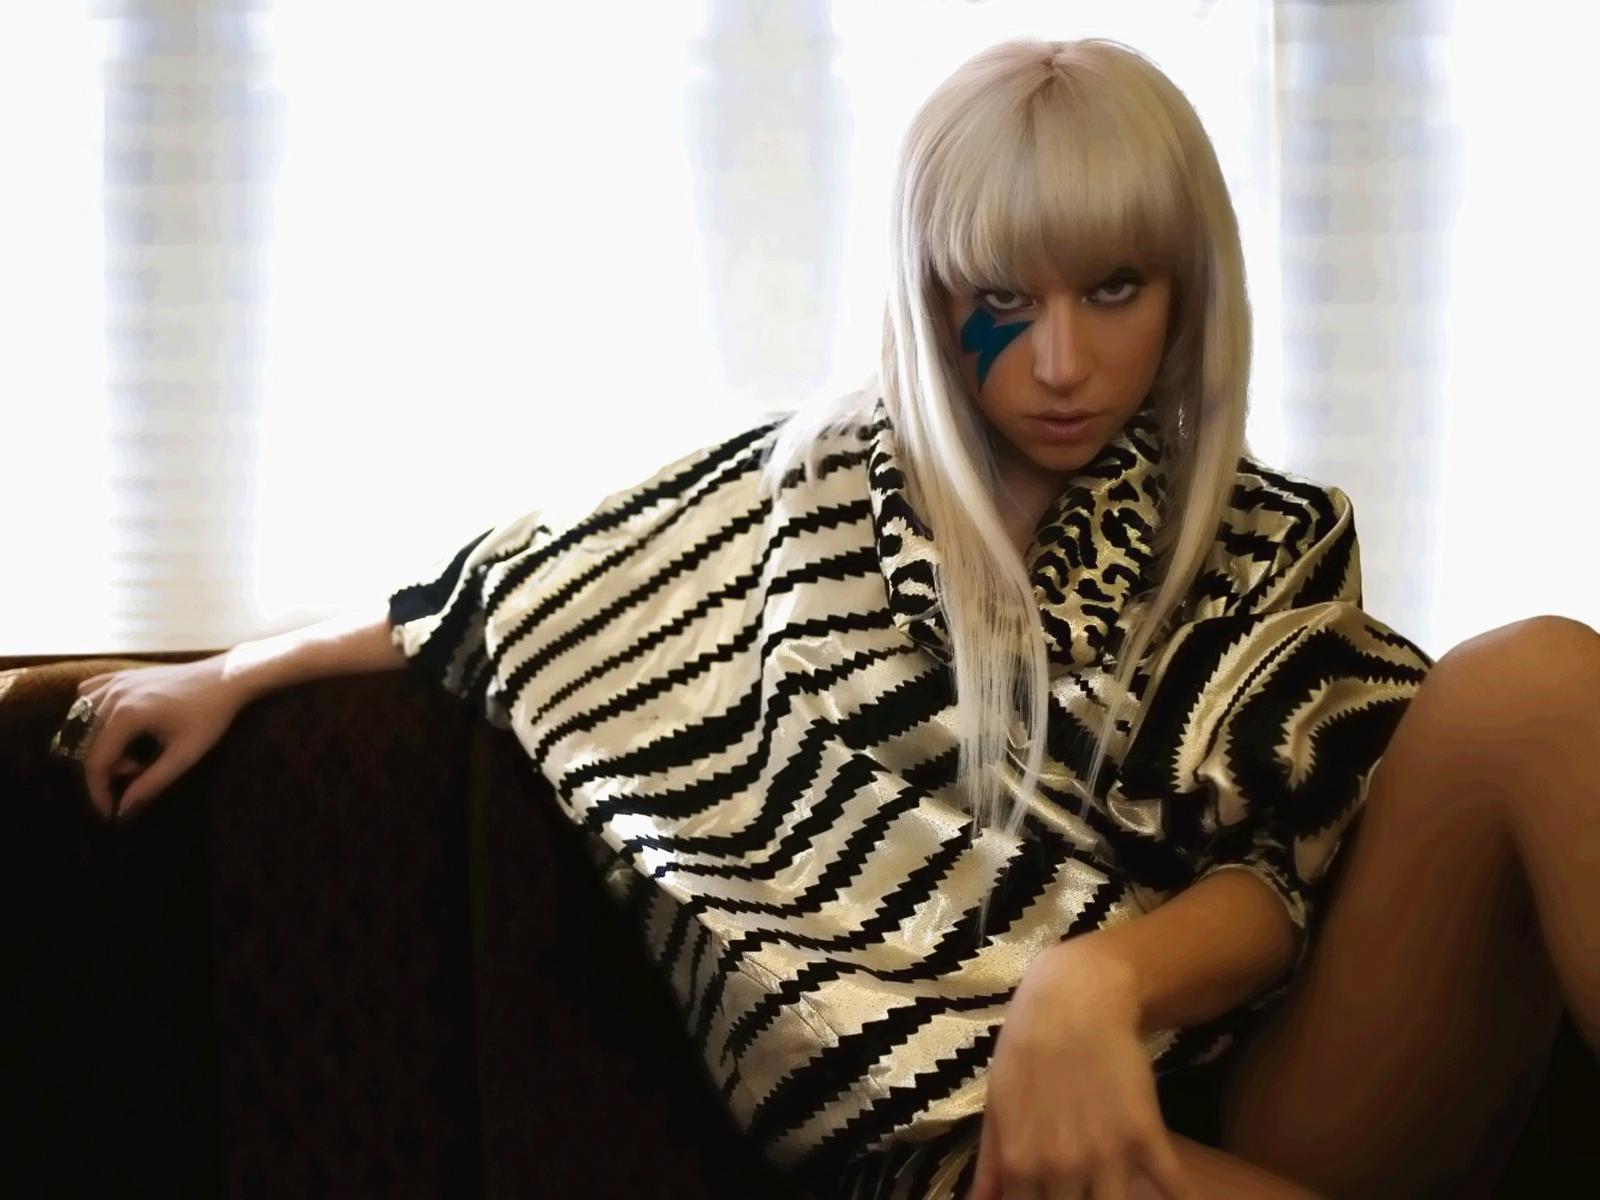 http://4.bp.blogspot.com/_2IU2Nt4rD1k/TEVHpWH_ygI/AAAAAAAAB6U/x535fUH9xyY/s1600/lady_gaga_pics.jpg